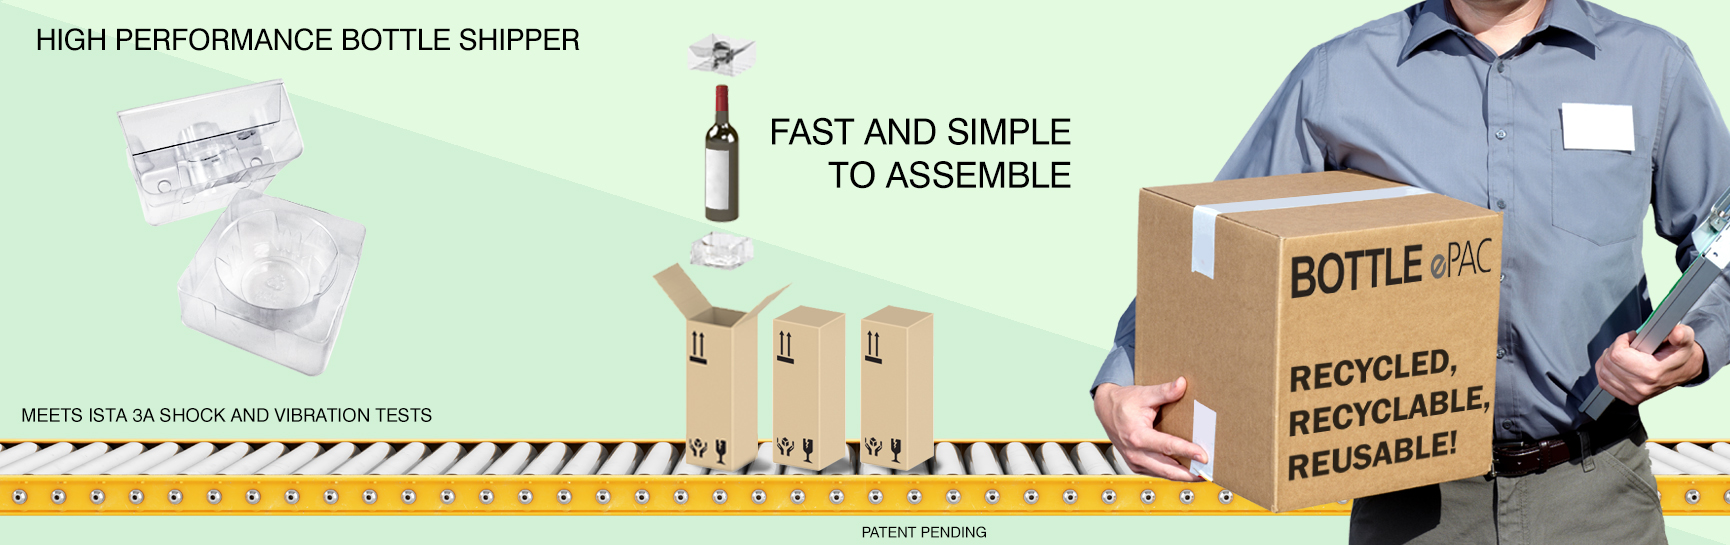 Bottle ePac - Site Web - Bannière - Page Accueil - Fond Vert